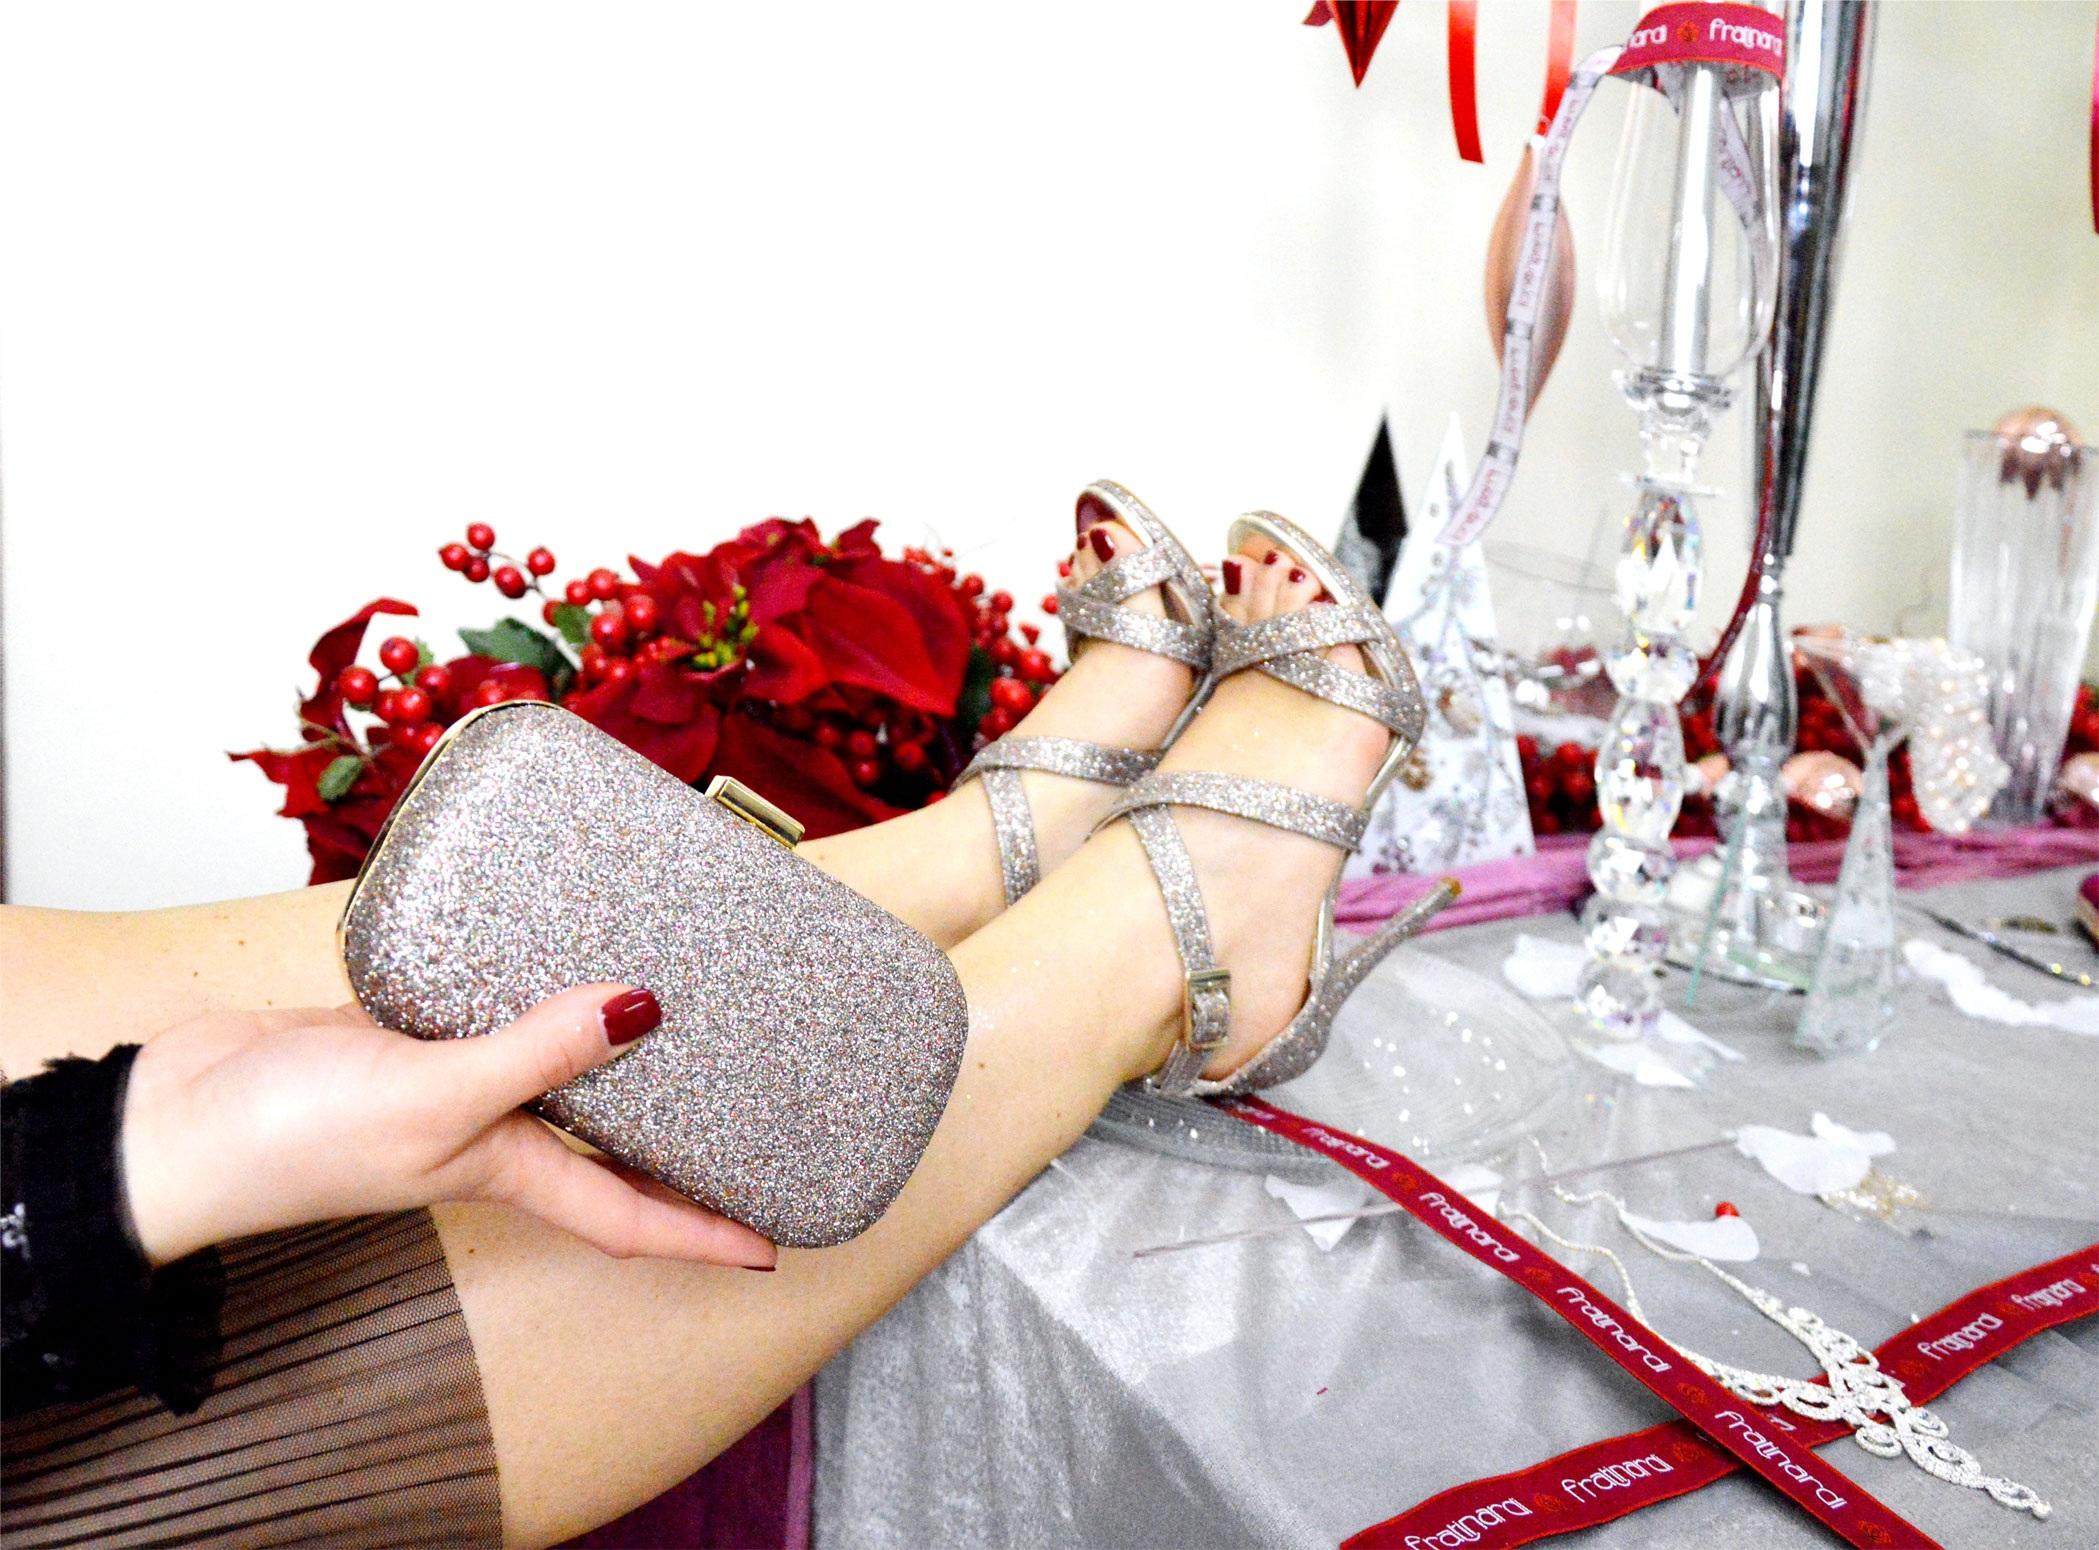 Kostenlose foto : Tabelle, Bein, scheinen, Weihnachten, feiern ...